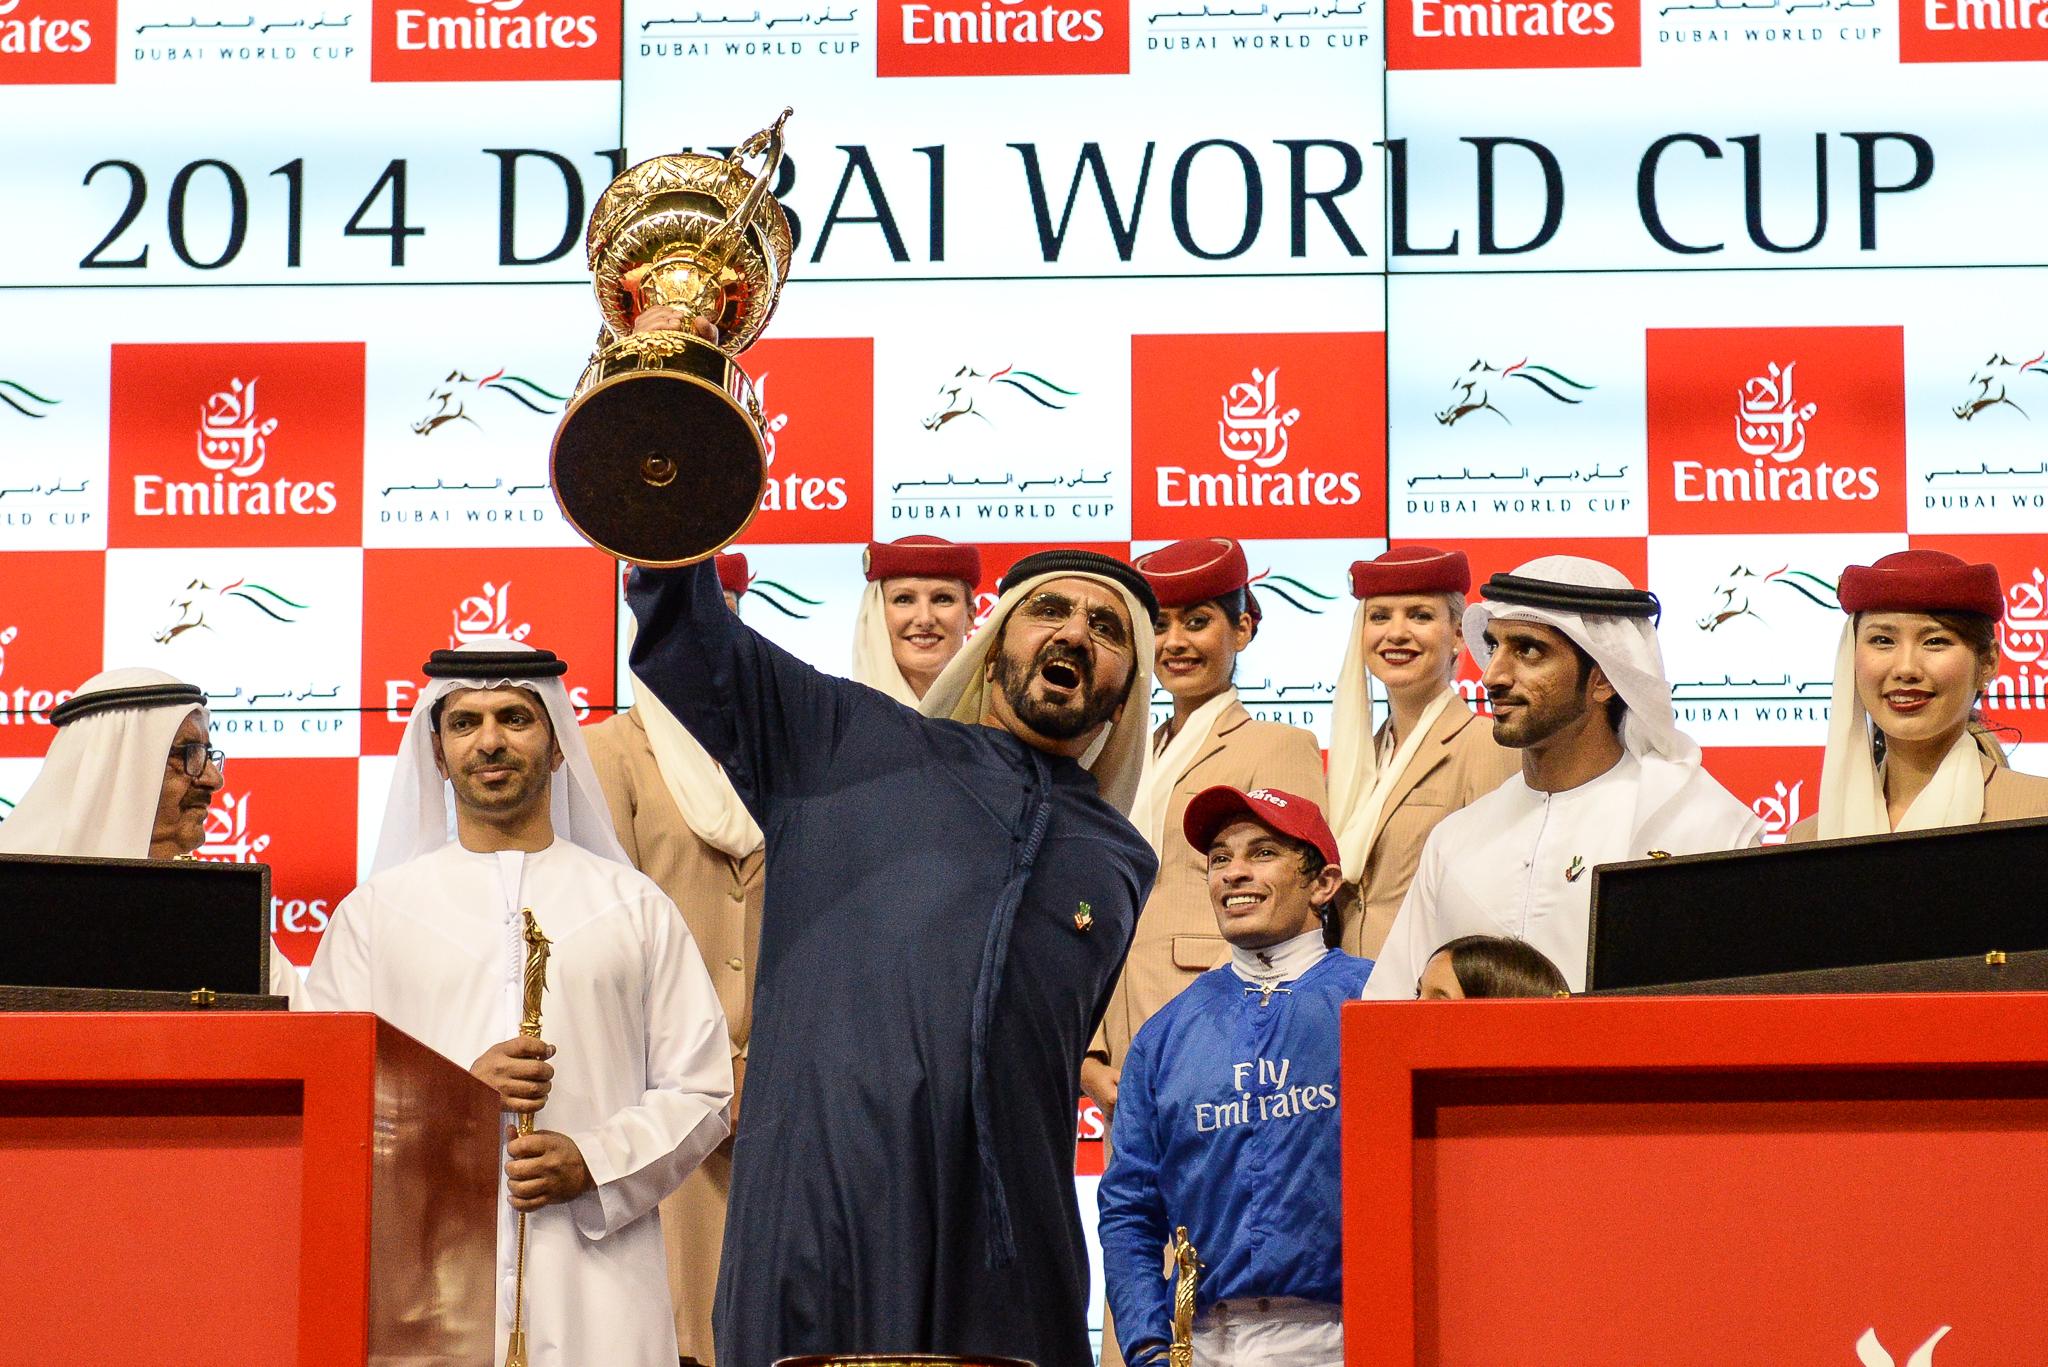 Dubai World Cup 2014